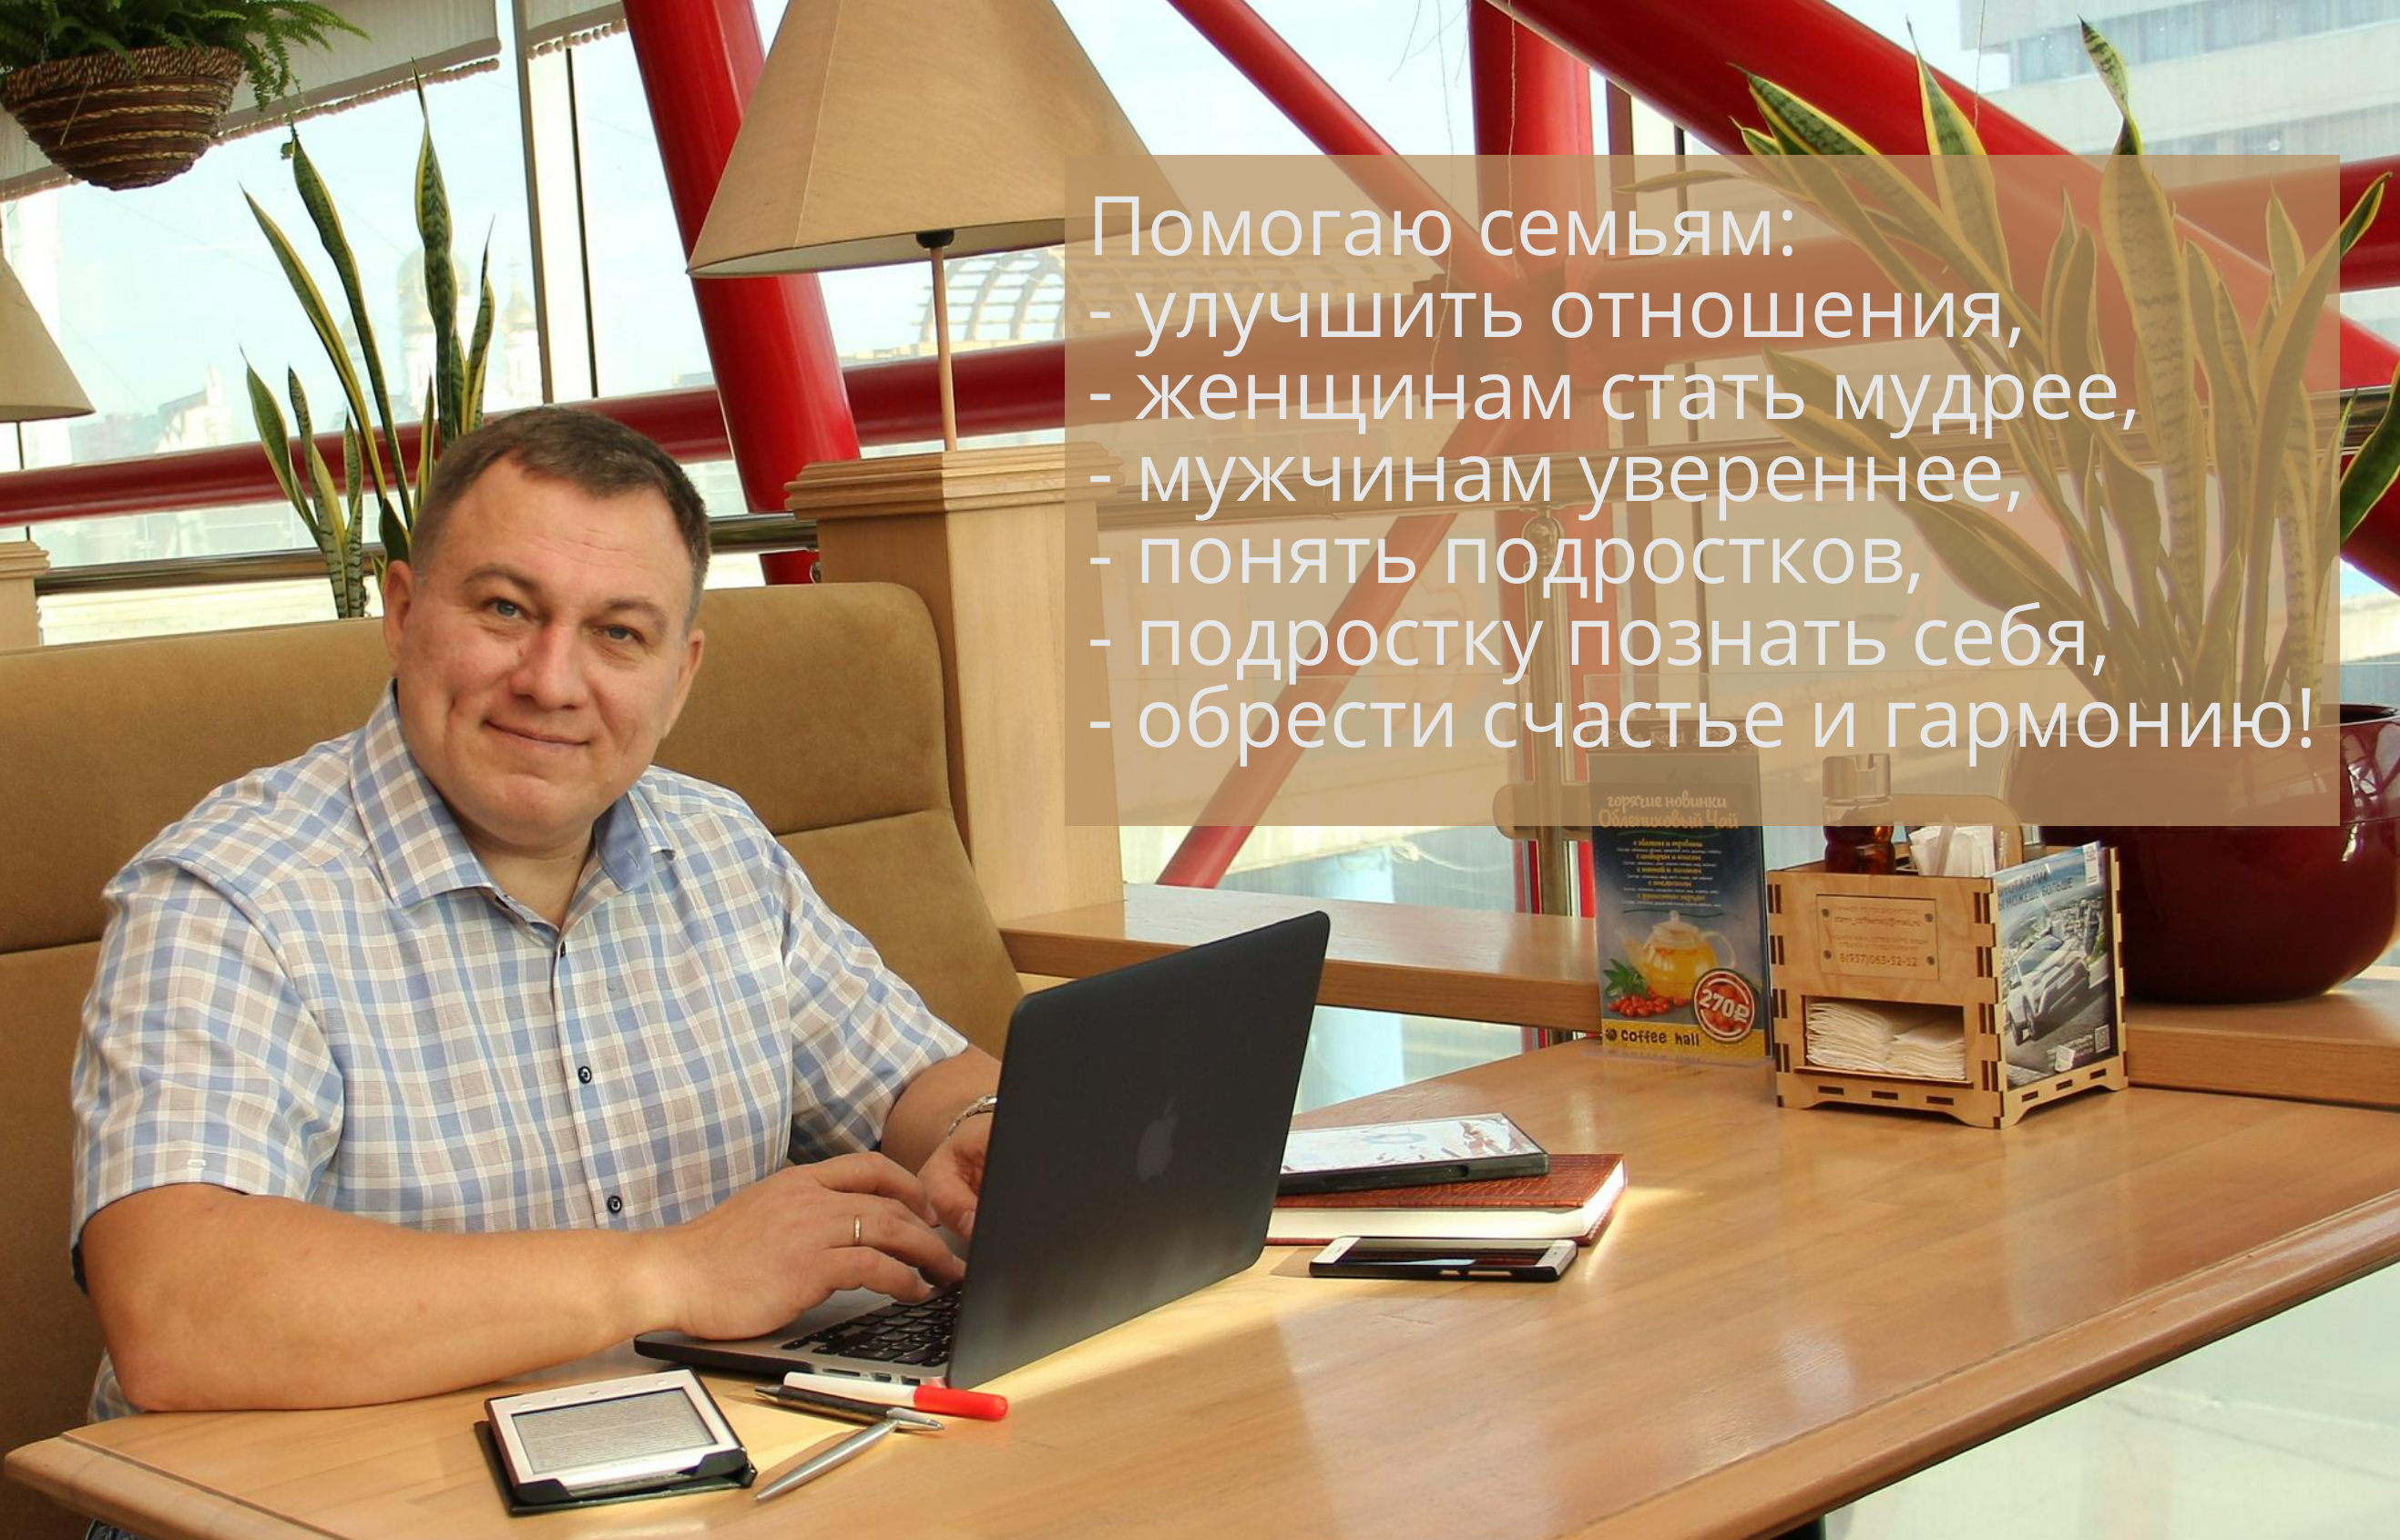 Алексей Румянцев - семейный психолог